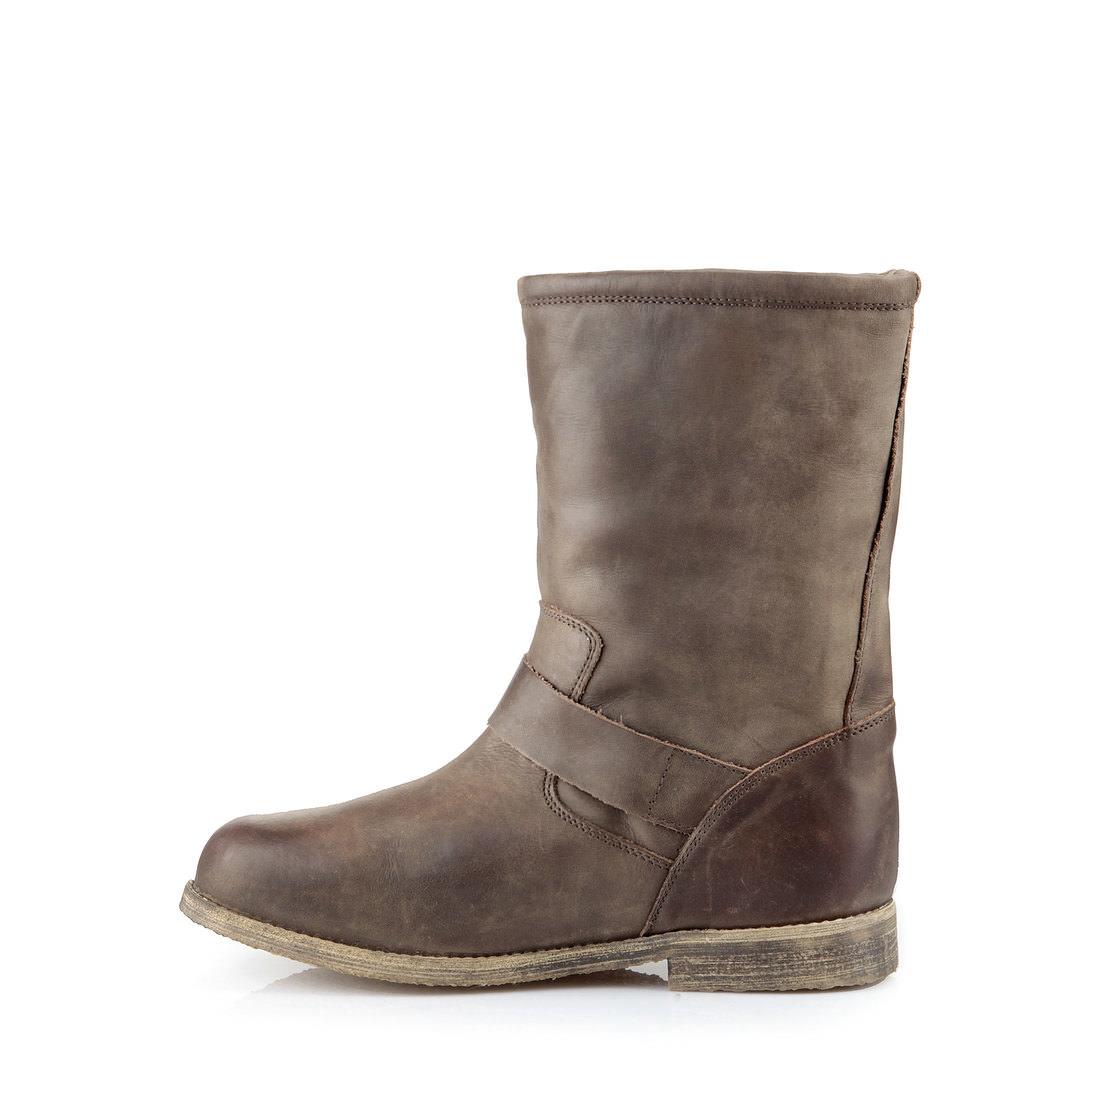 buffalo biker boots in braun mit schnallen online kaufen buffalo. Black Bedroom Furniture Sets. Home Design Ideas